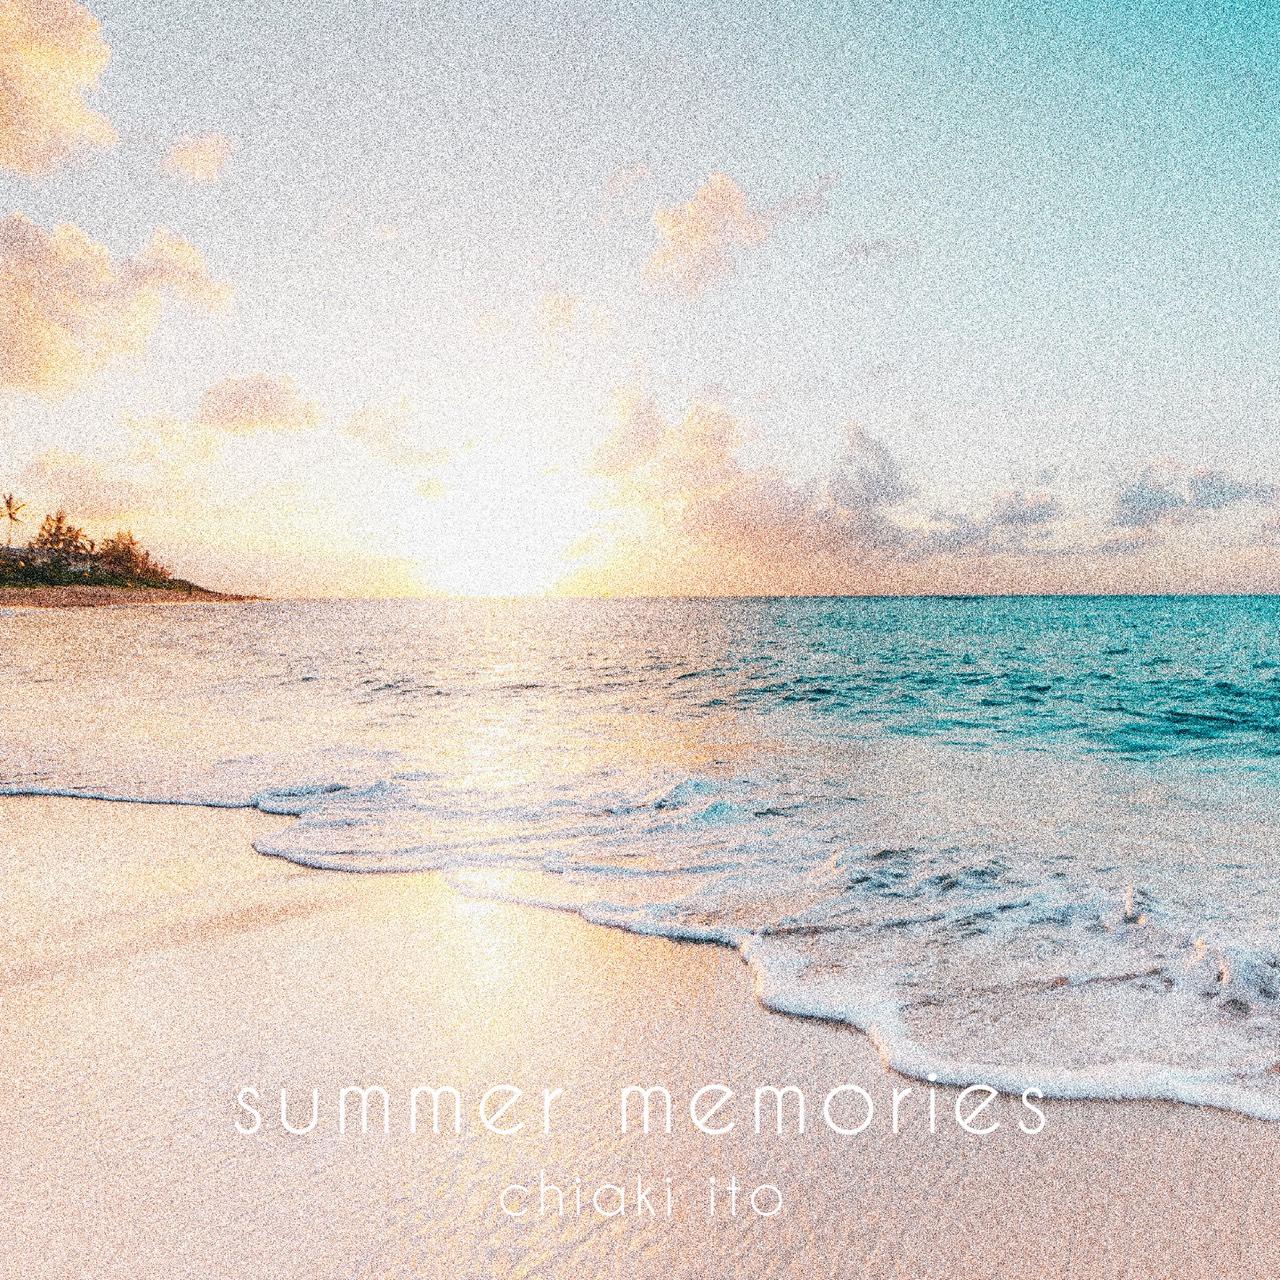 伊藤千晃さん半年ぶりの新曲『summer memories』は、ドライブのおともにも最適な、2020年夏のいちおしソング! 今日7/29デジタル配信スタート_2